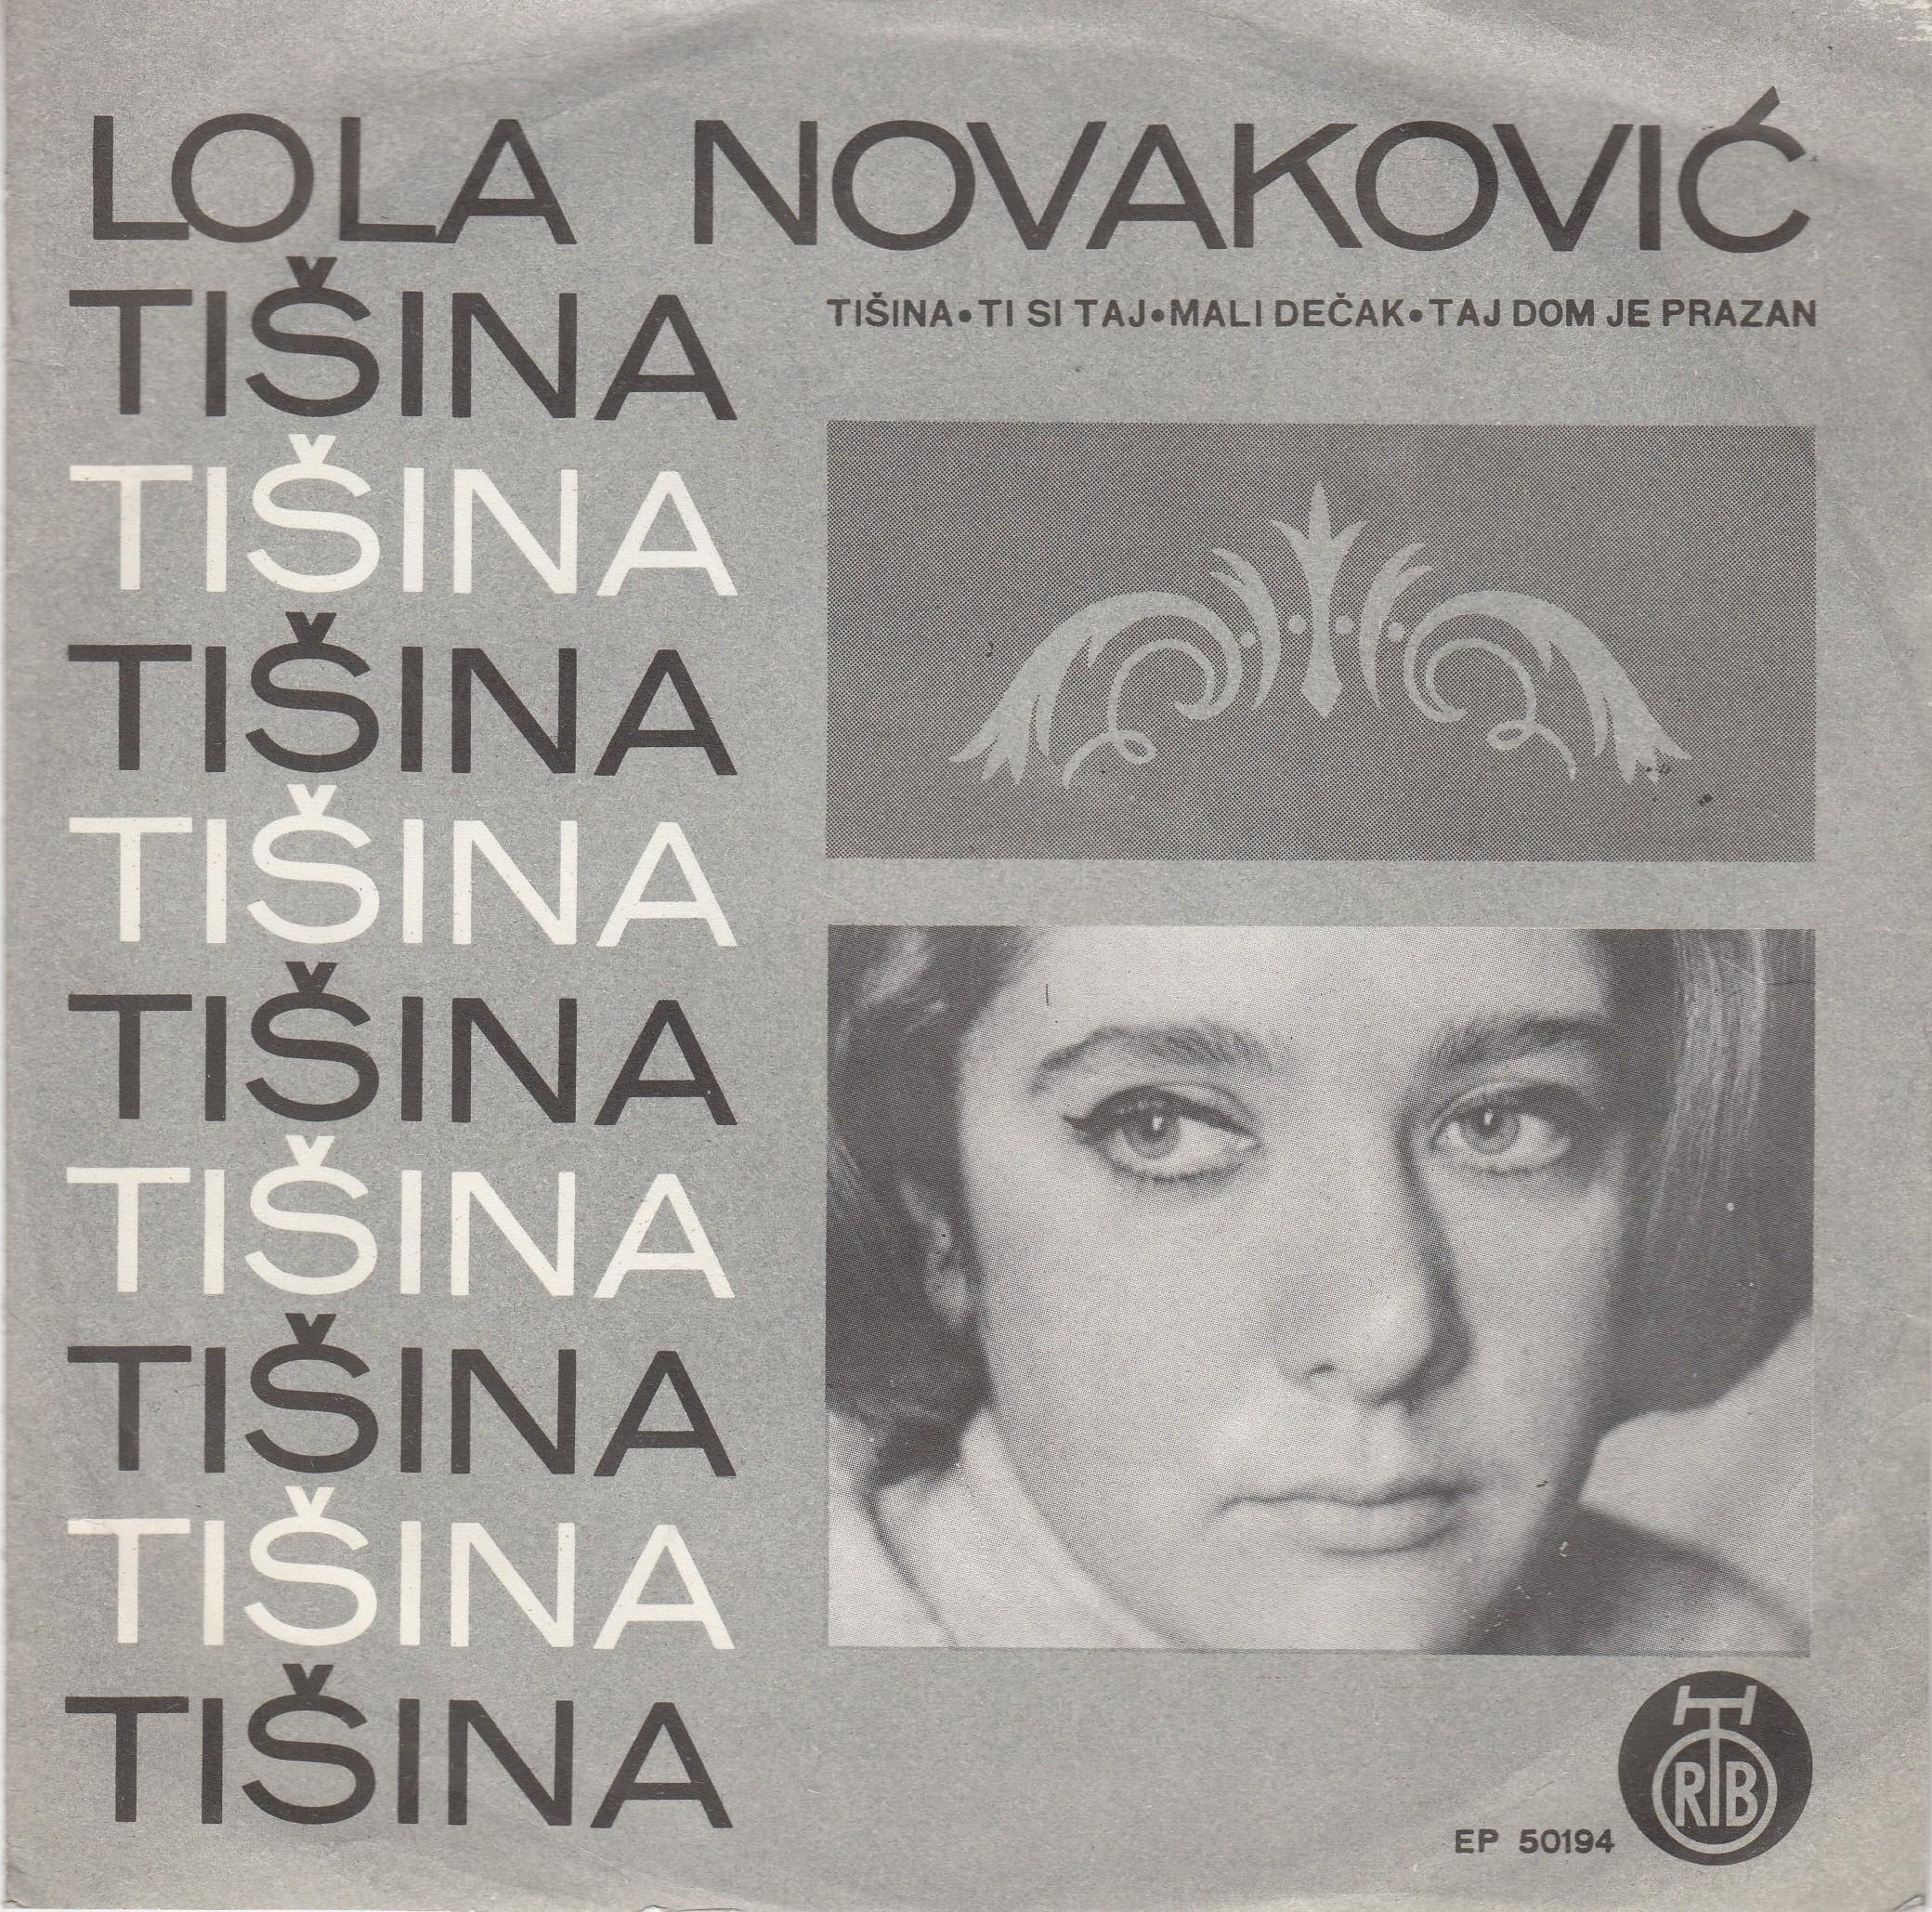 Novakovic Lola - Tisina/ti Si Taj/mali Decak/taj Dom Je Prazan